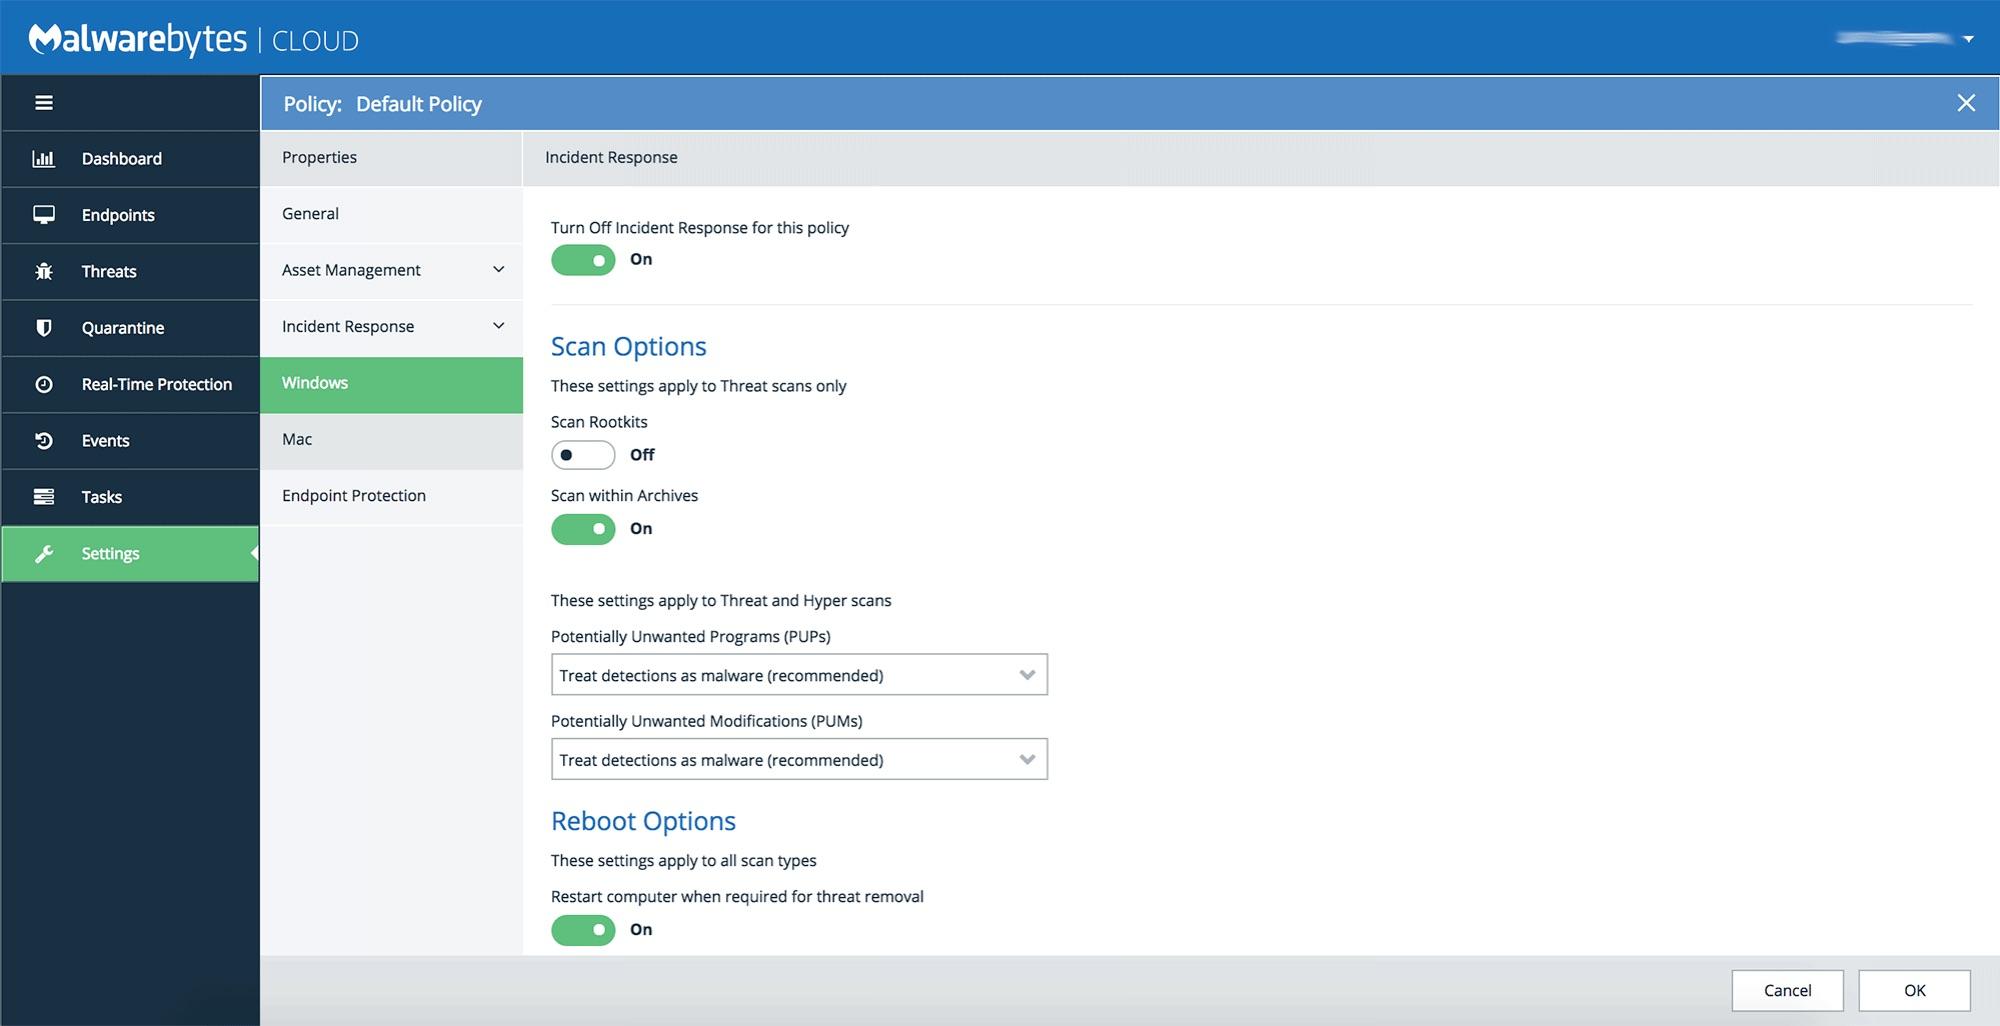 Plataforma en la nube Malwarebytes: Configuración de directivas